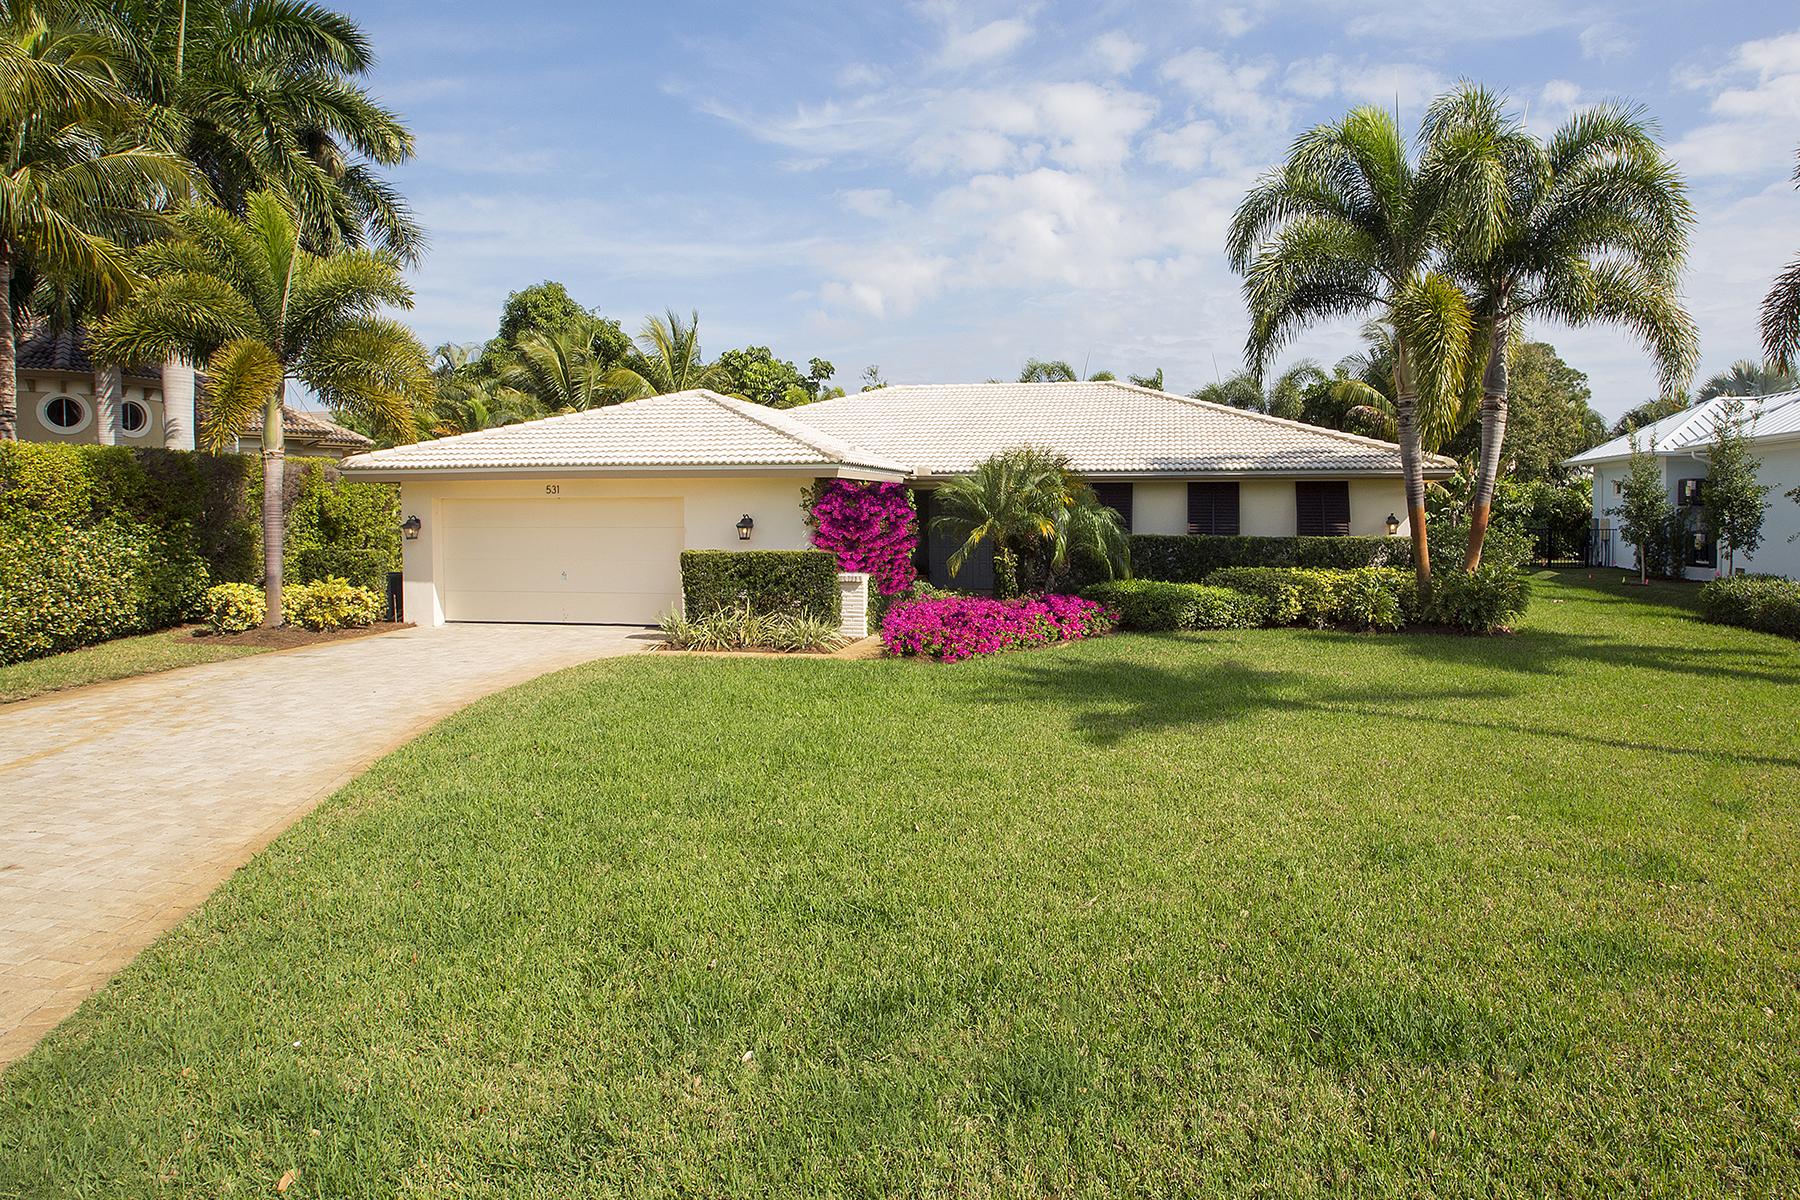 Casa para uma família para Venda às PARK SHORE 531 Turtle Hatch Ln Naples, Florida, 34103 Estados Unidos